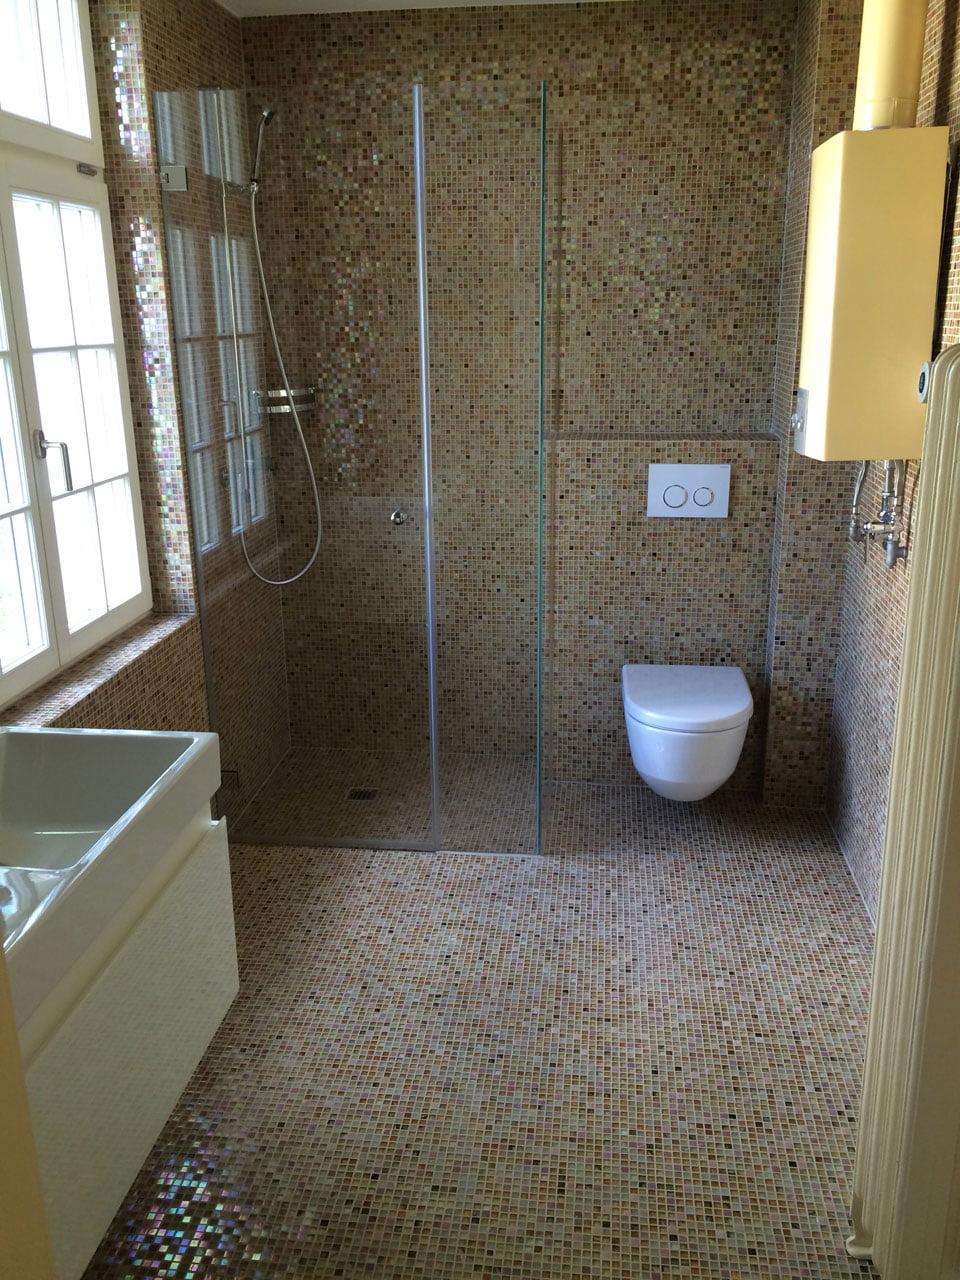 Bad mit Mosaiksteine und Duschkabine